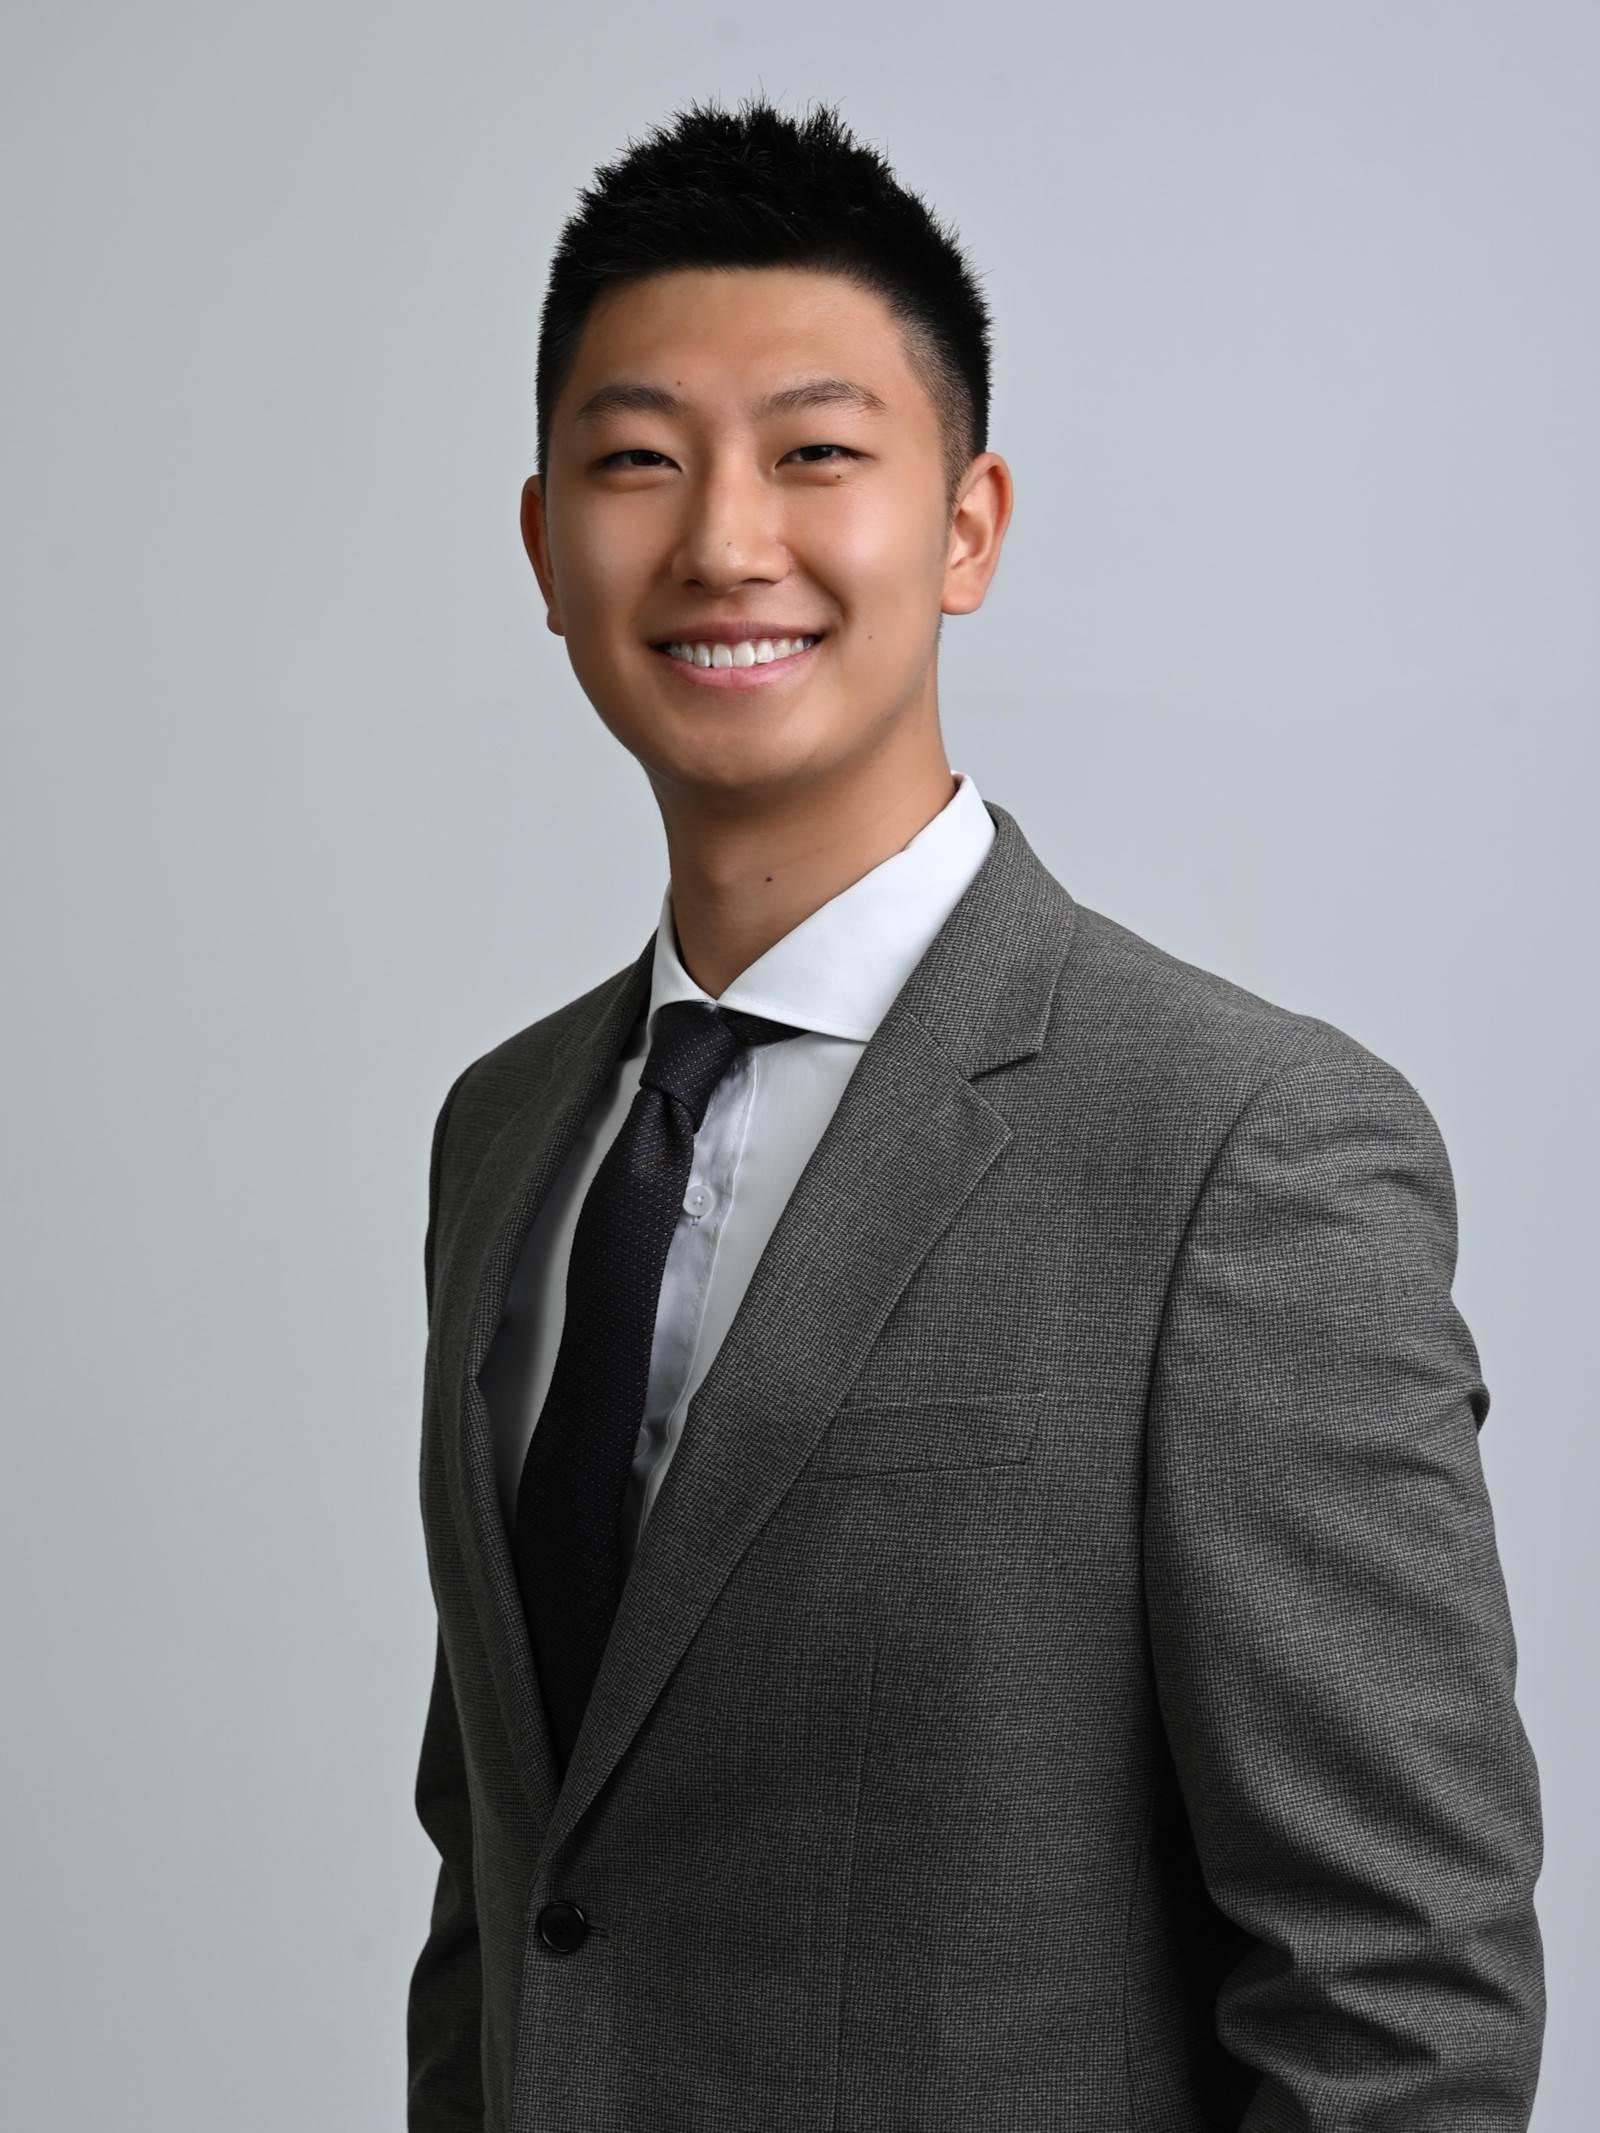 Terry Zheng